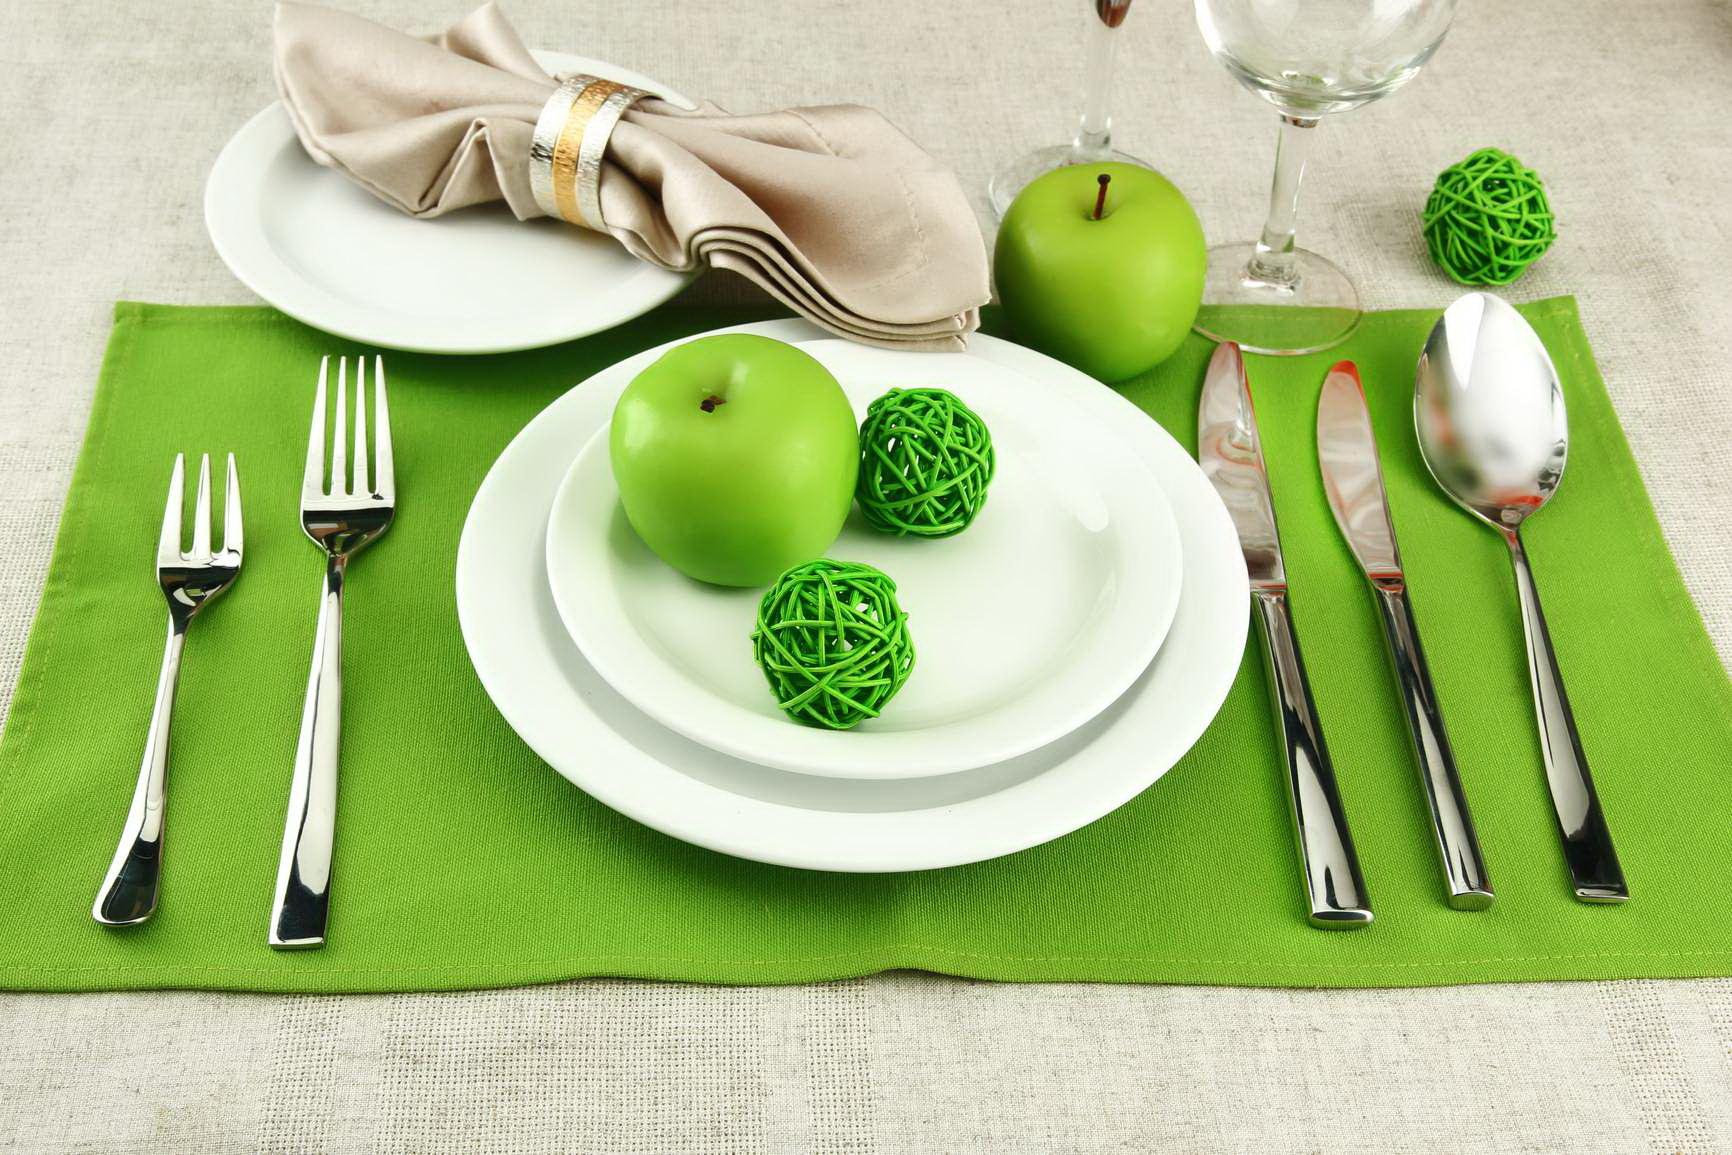 Тарелка на салфетке